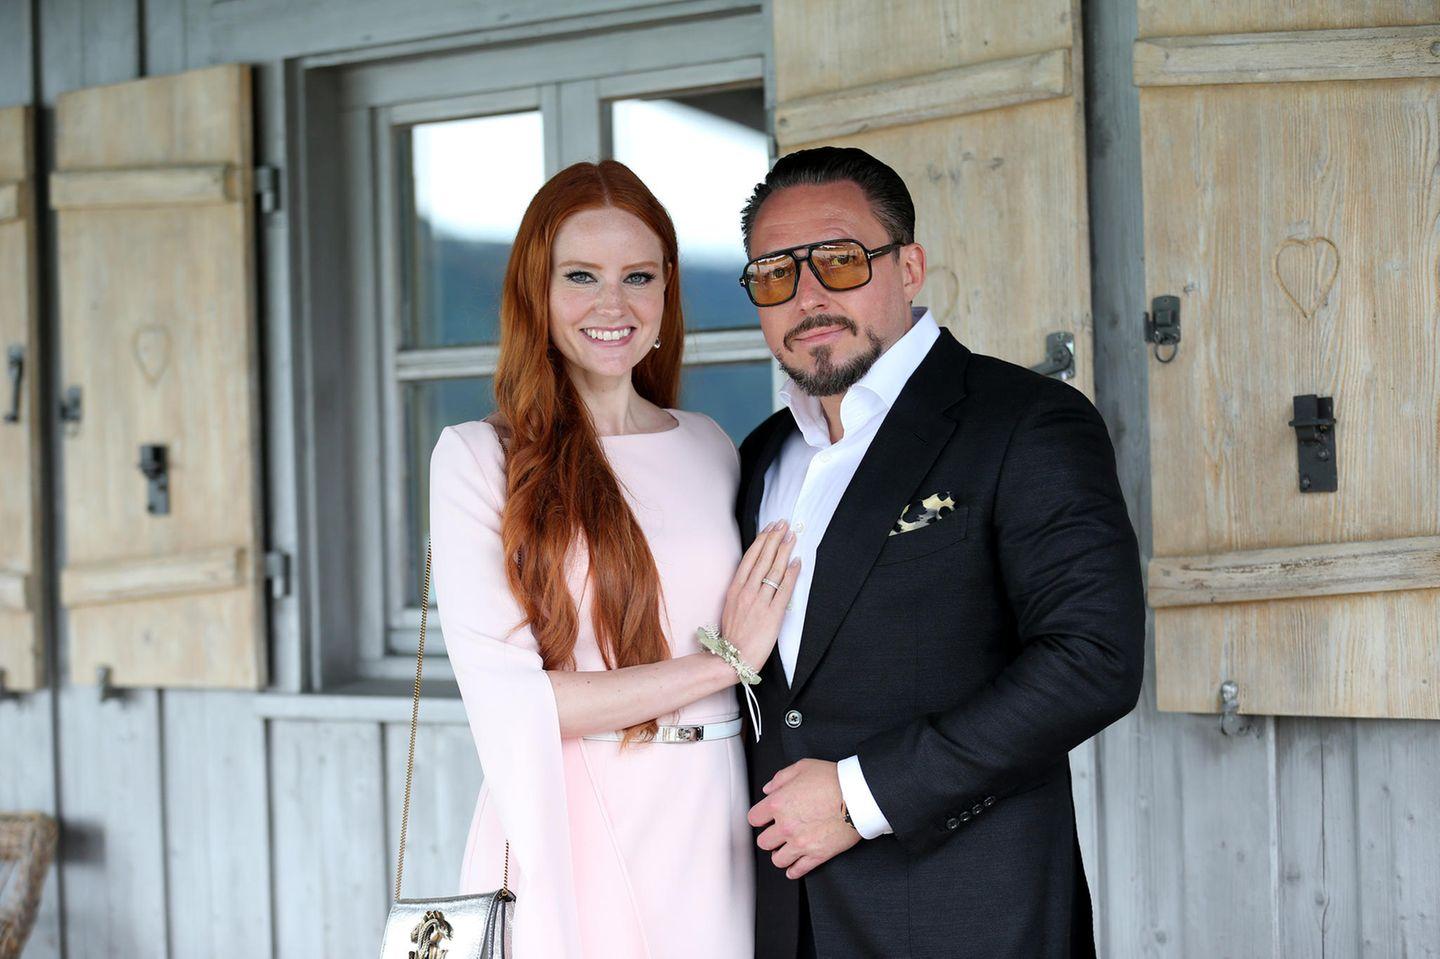 Barbara Meier mit Ehemann Klemens Hallmann